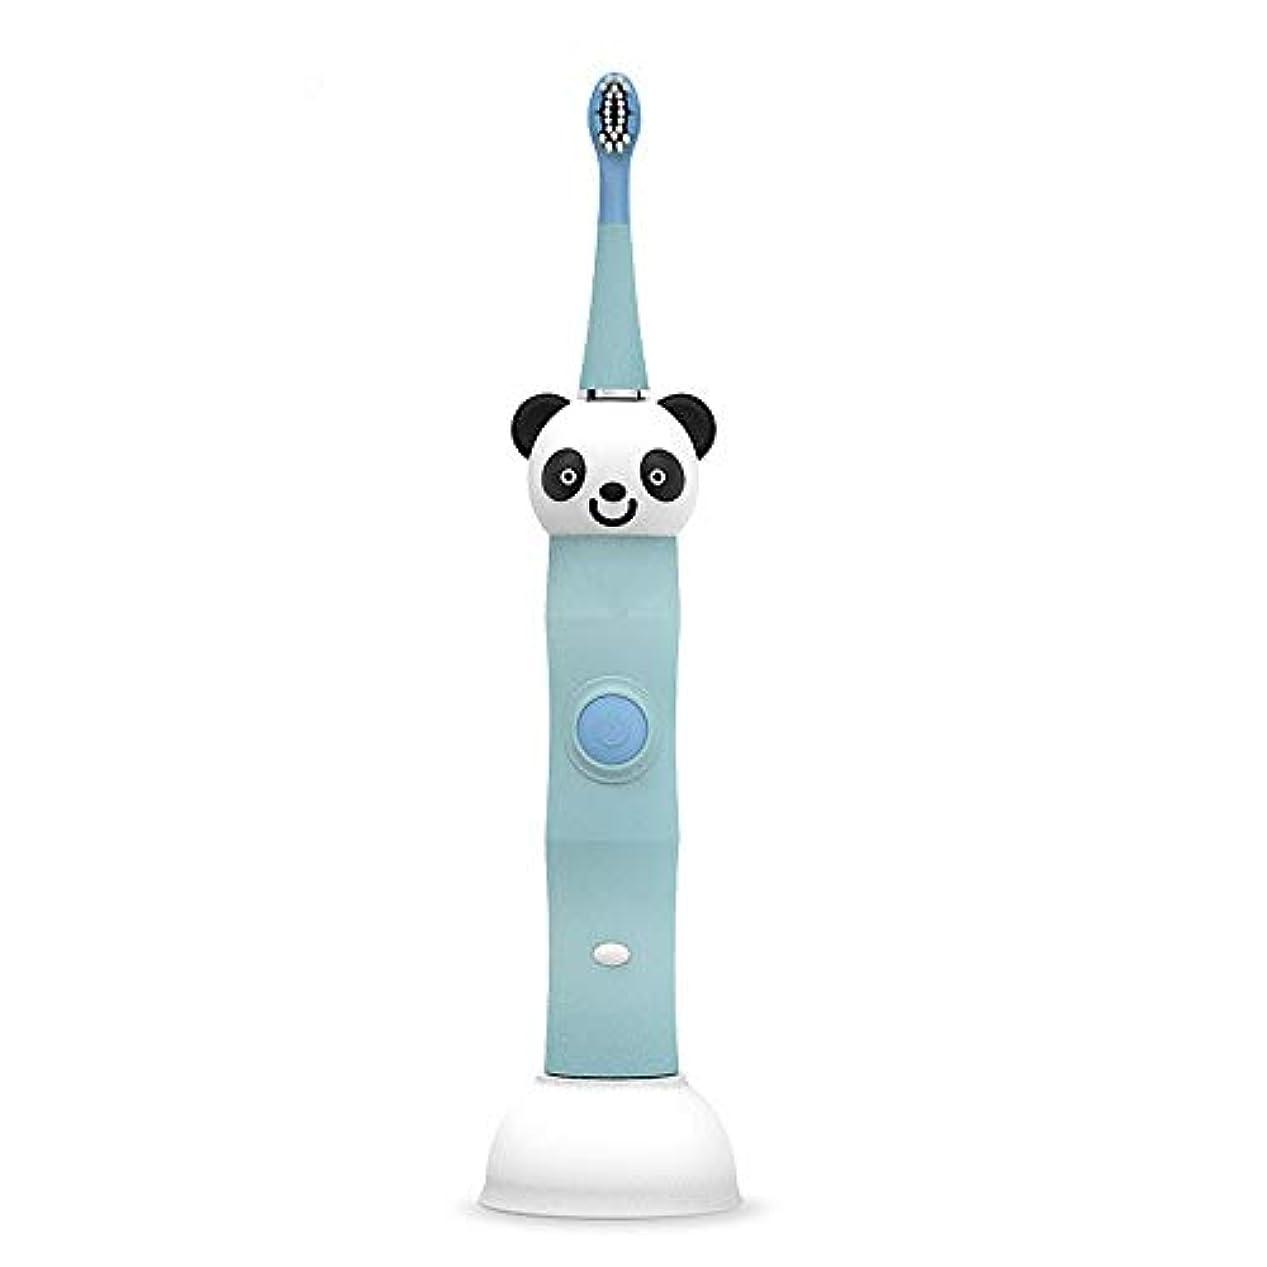 スクワイア砂の説教電動歯ブラシ 毎日の使用のためのUSBの充満基盤の柔らかい毛のきれいな歯ブラシと防水子供の電動歯ブラシ 大人と子供向け (色 : 青, サイズ : Free size)